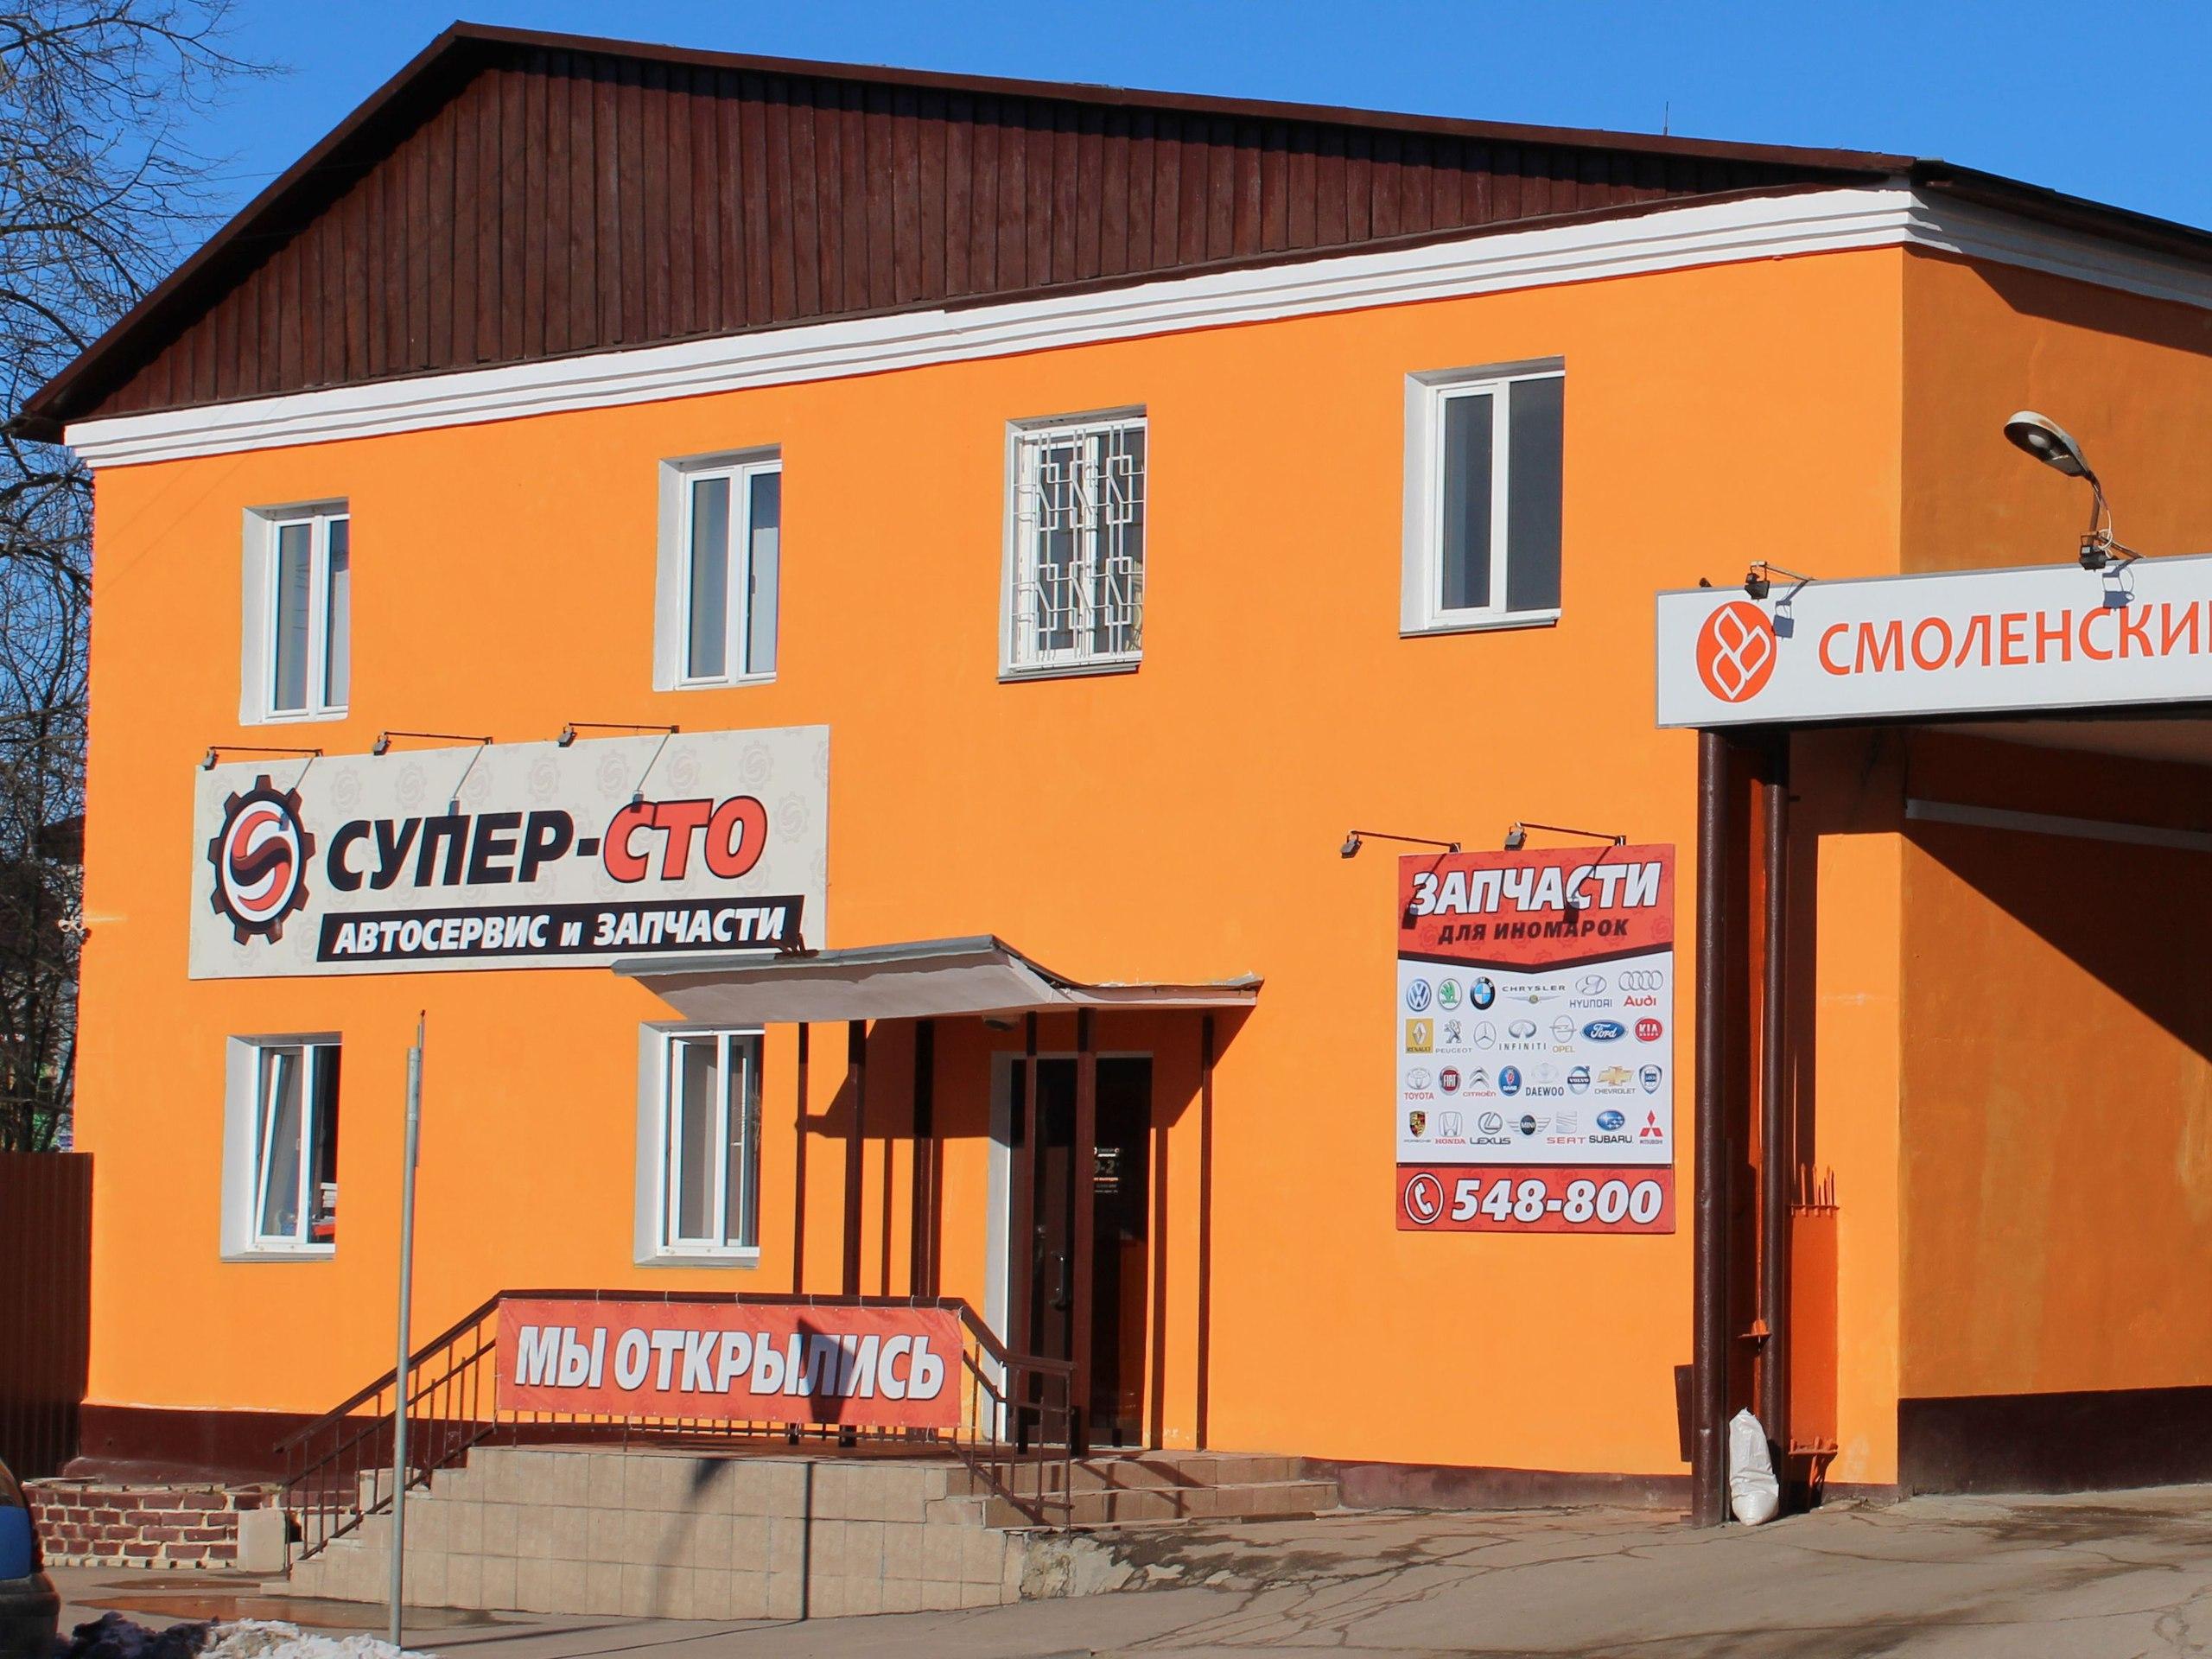 Фото здания Супер-СТО